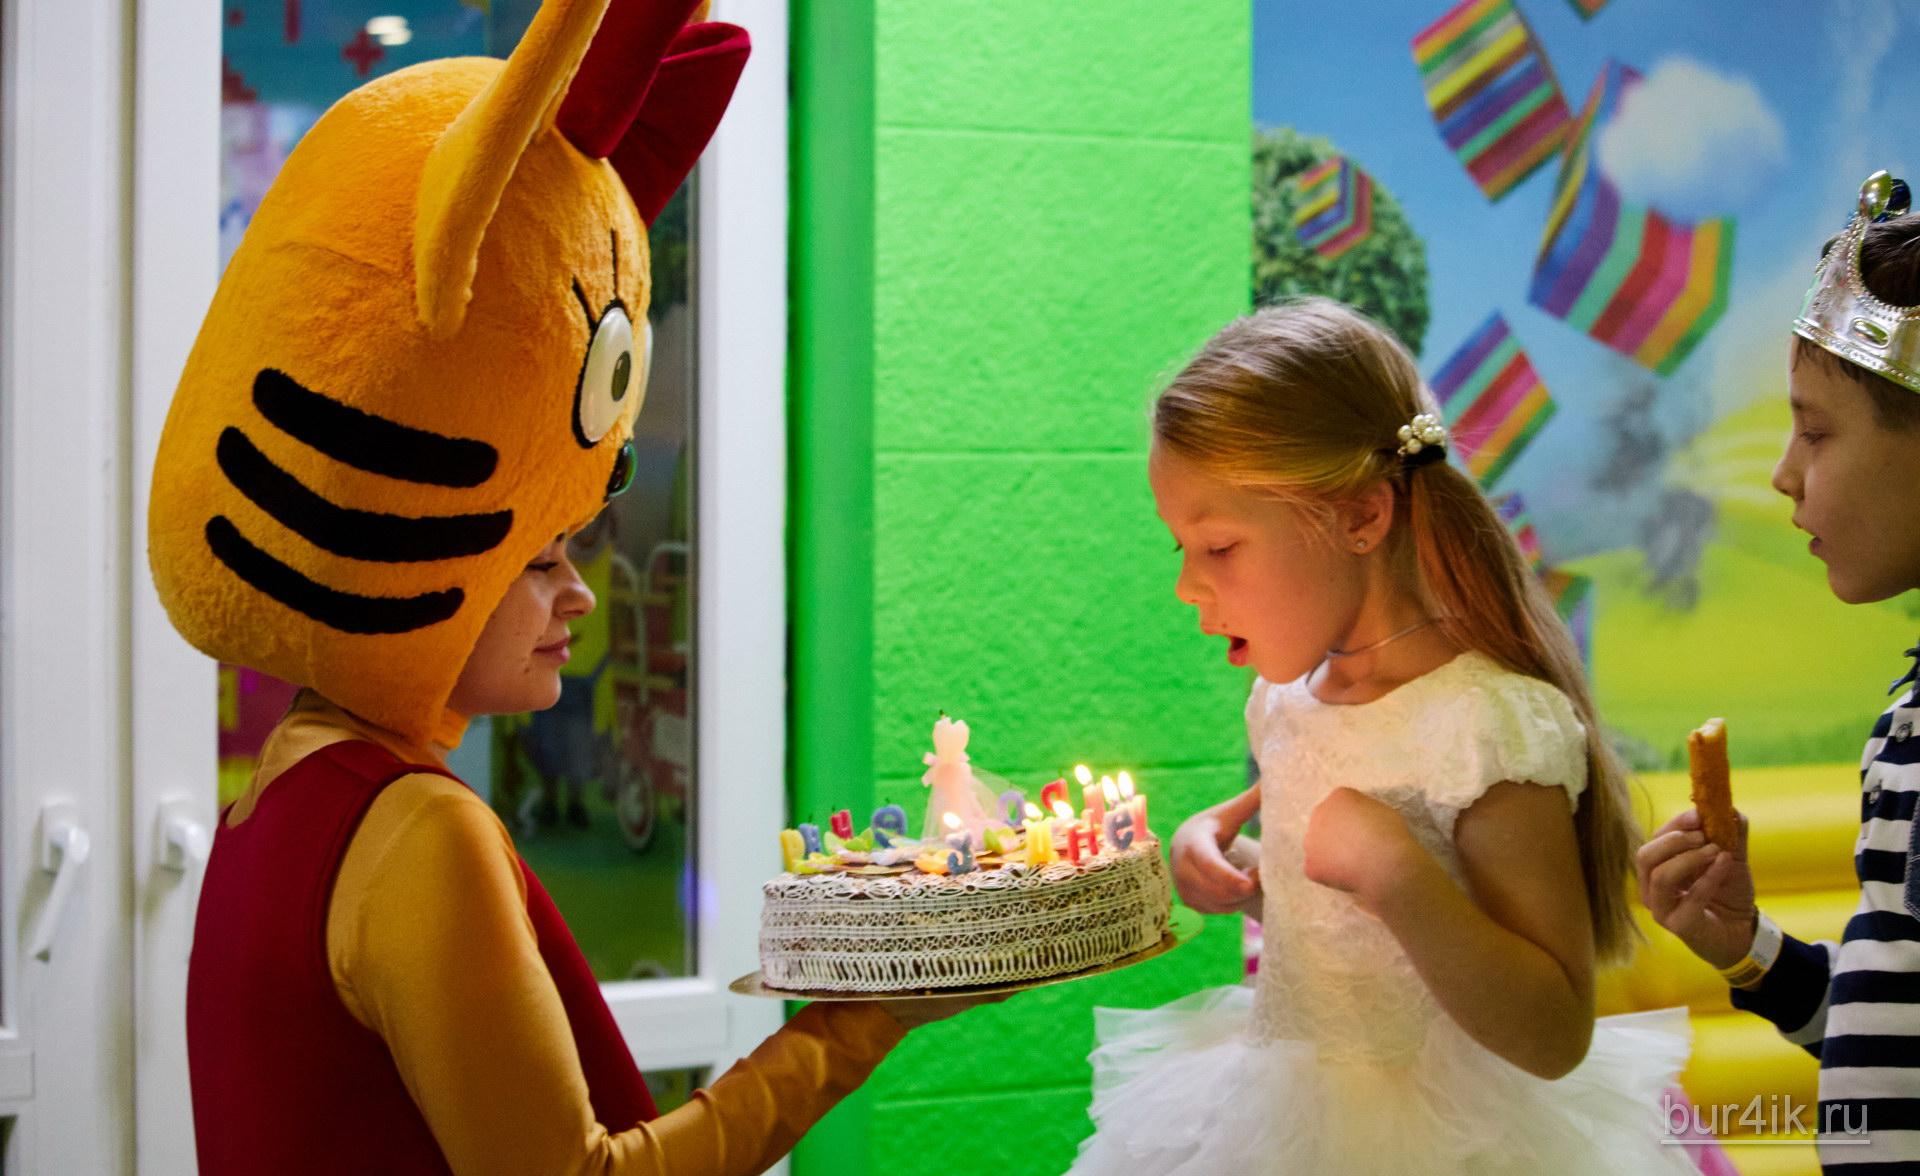 Фото Детское День Рождения в Детский Дворик 15.01.2020 №239 -photo- bur4ik.ru